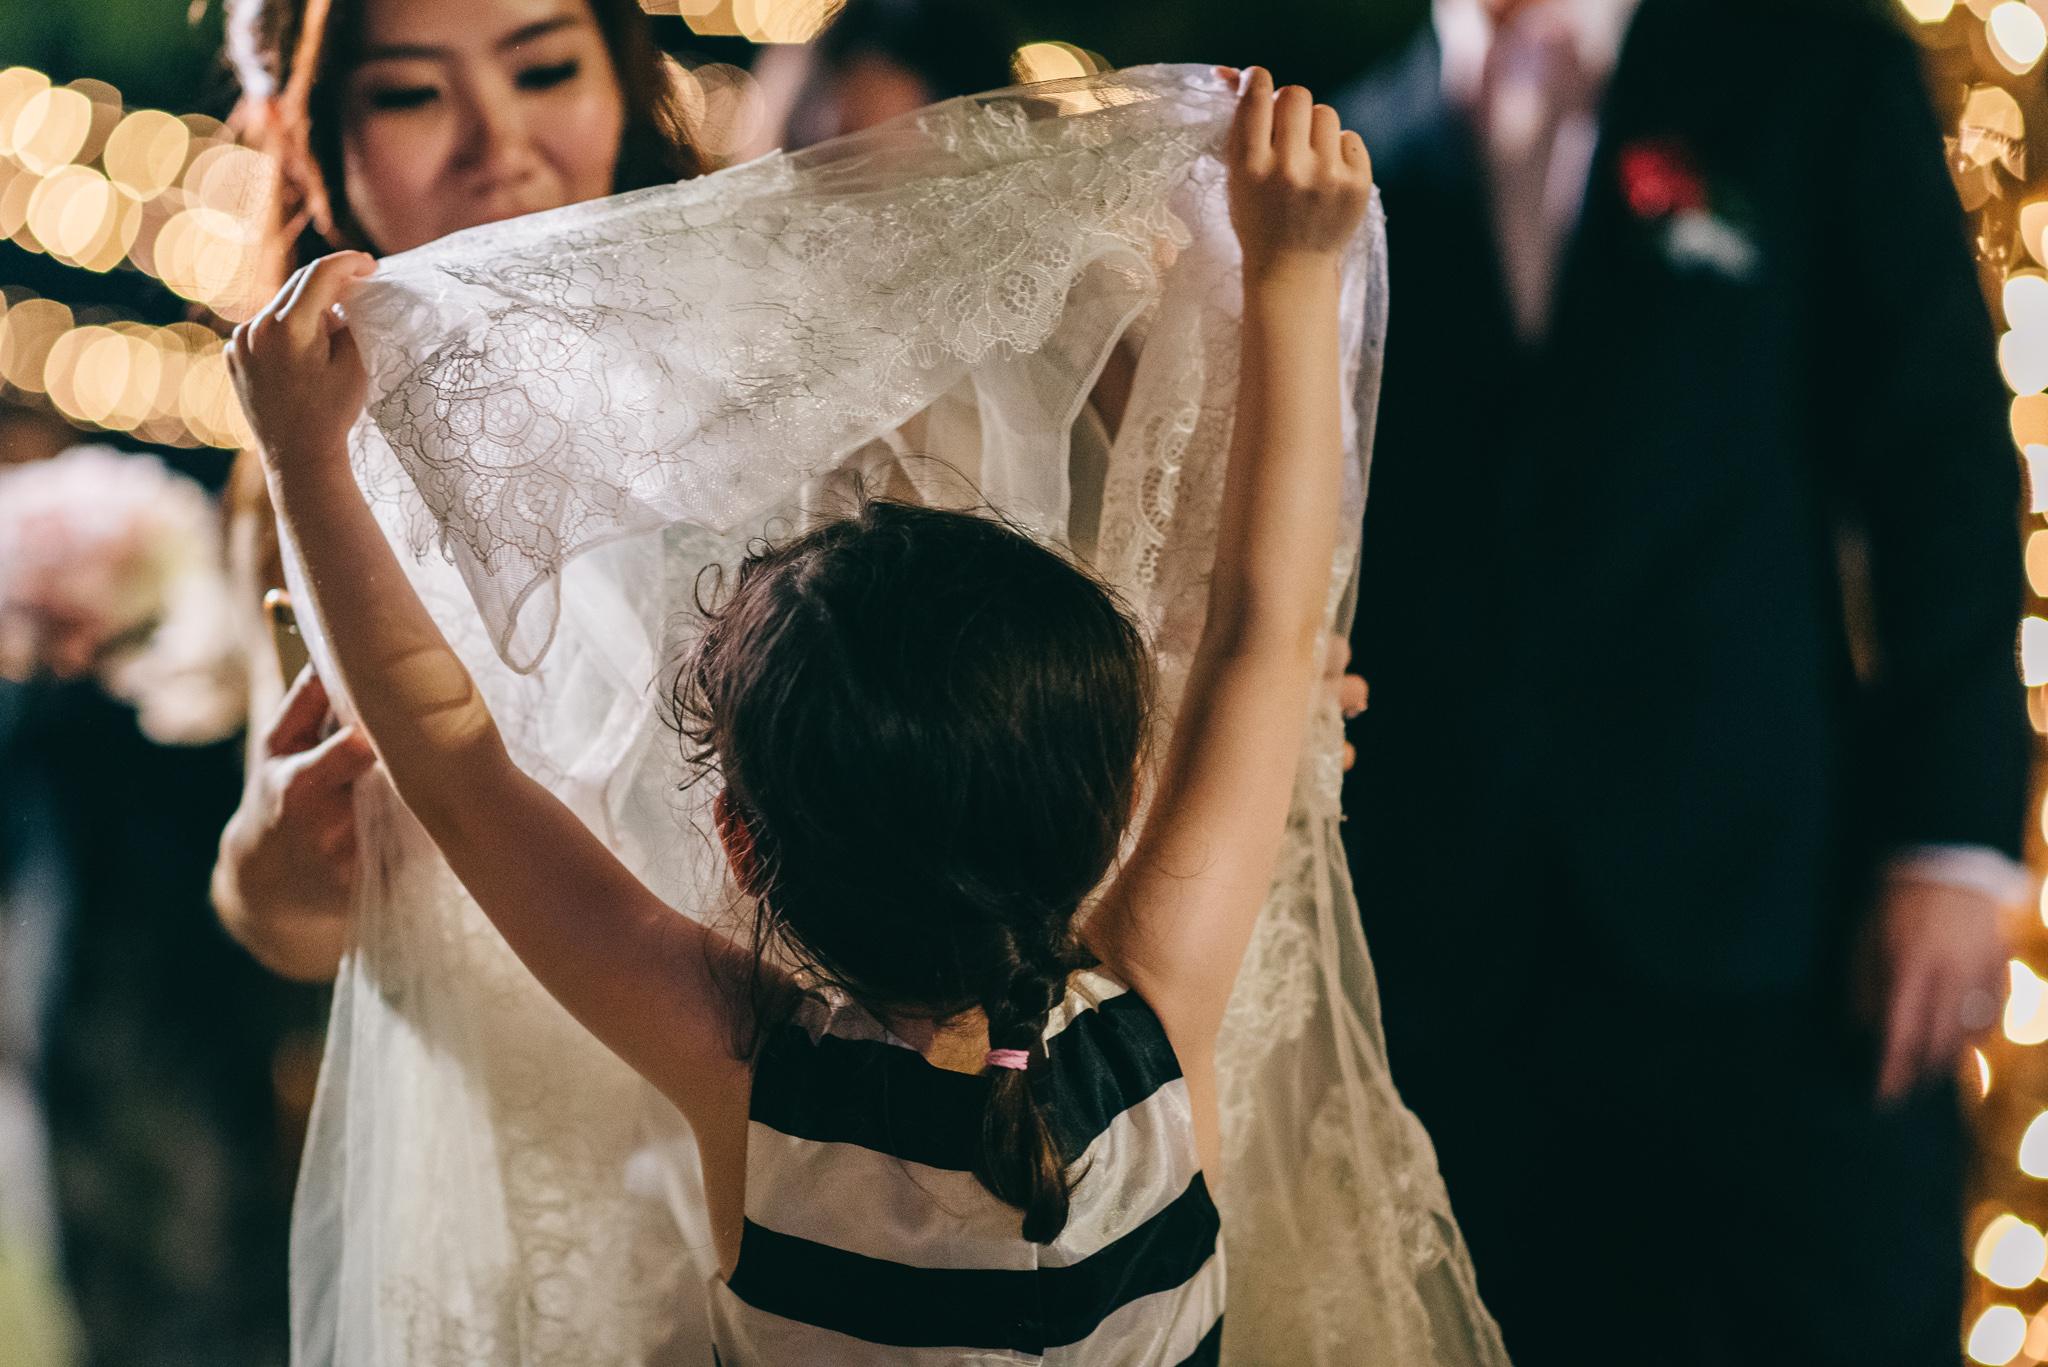 Lionel & Karen Wedding Day Highlights (resized for sharing) - 217.jpg